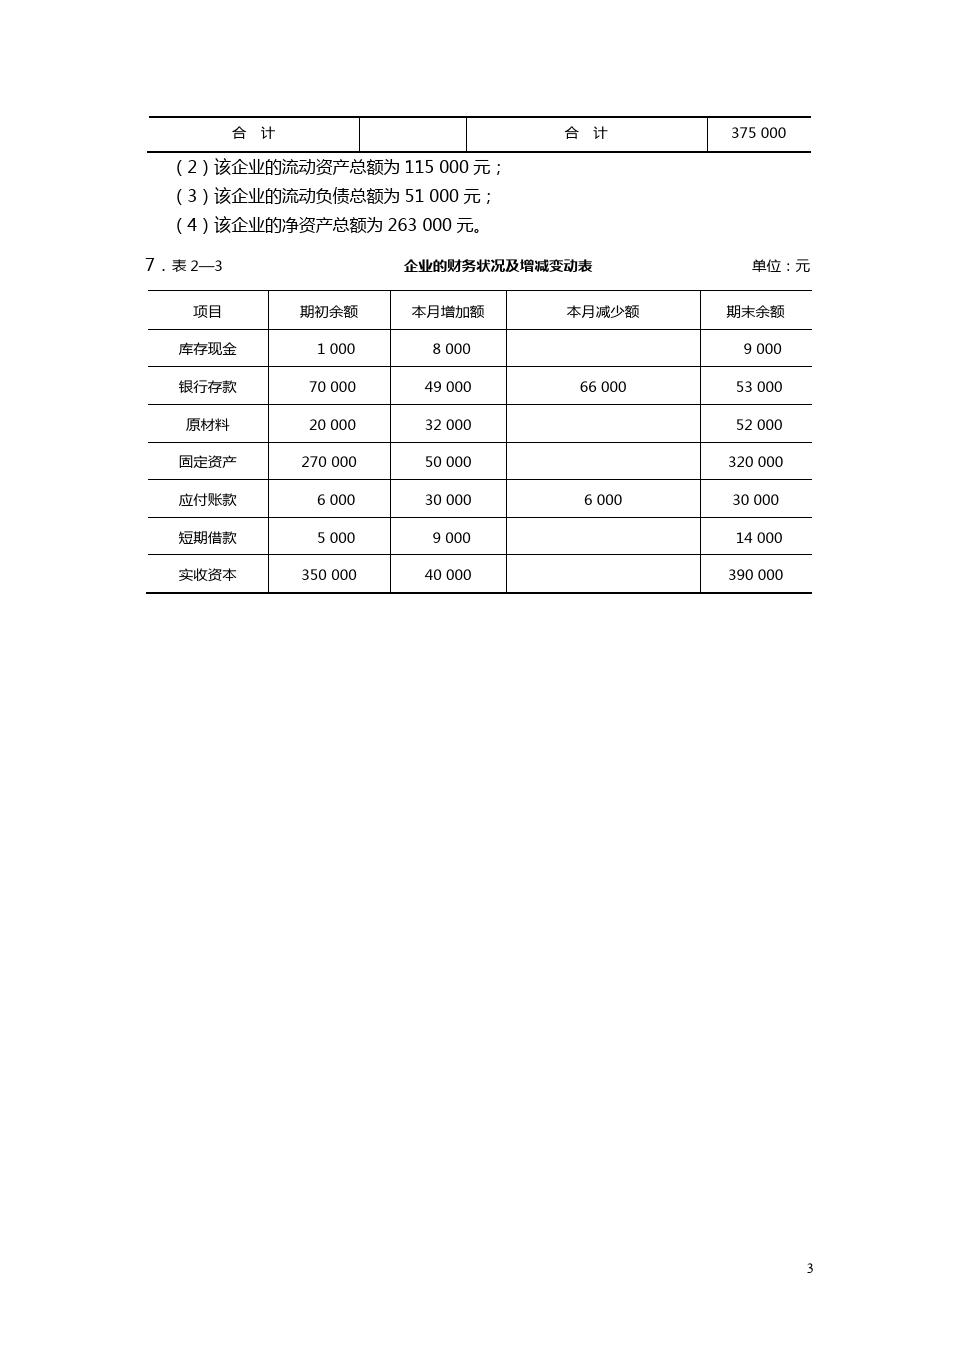 基础会计习题与案例(第二版)答案(陈文铭)东北财经大学